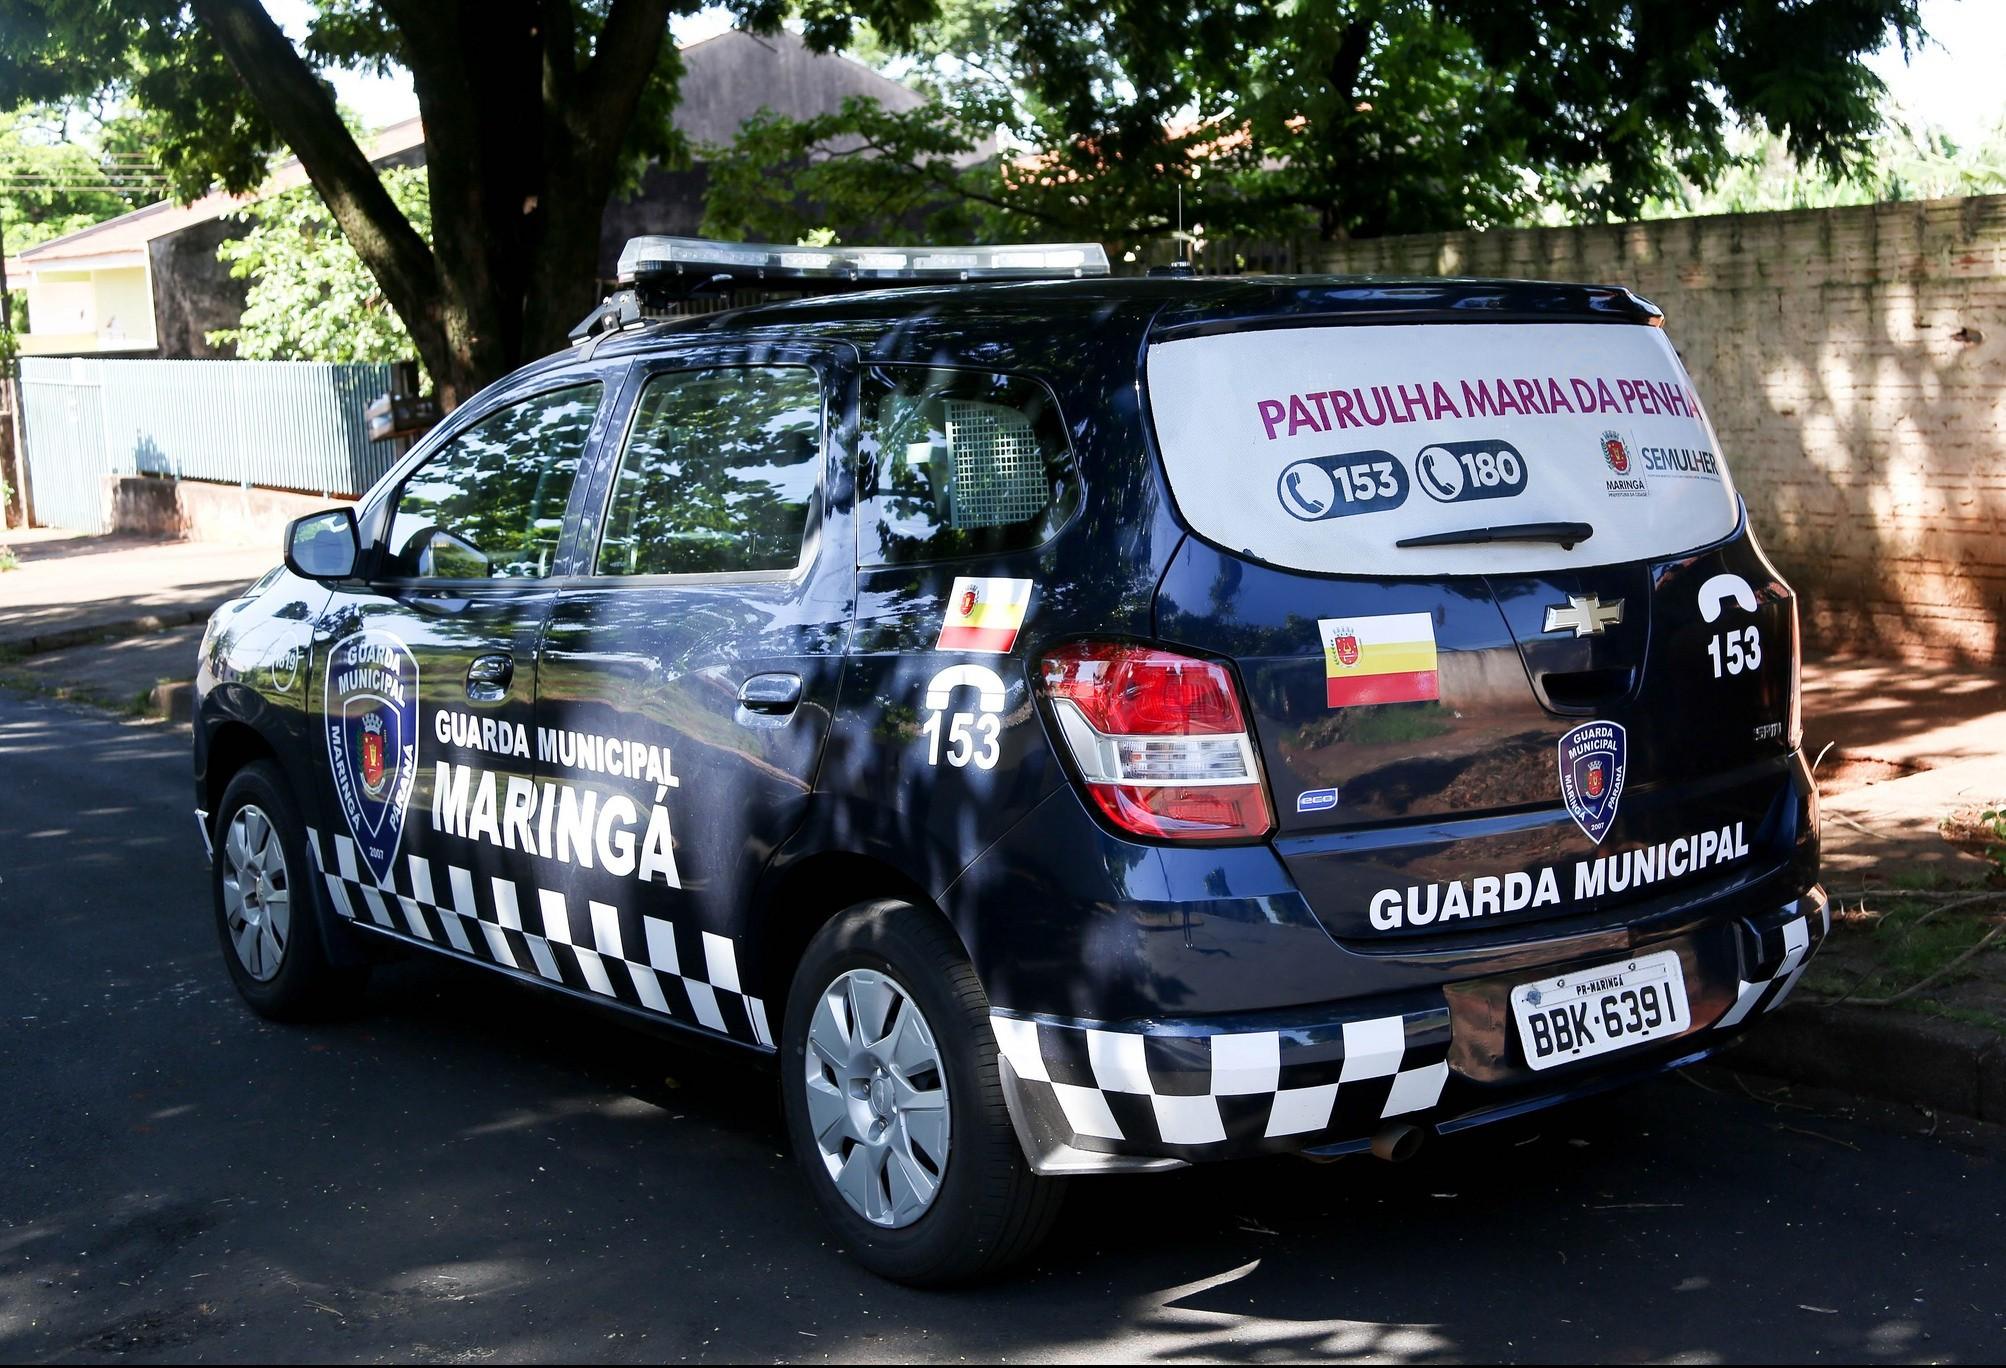 50 guardas municipais vão ser capacitados